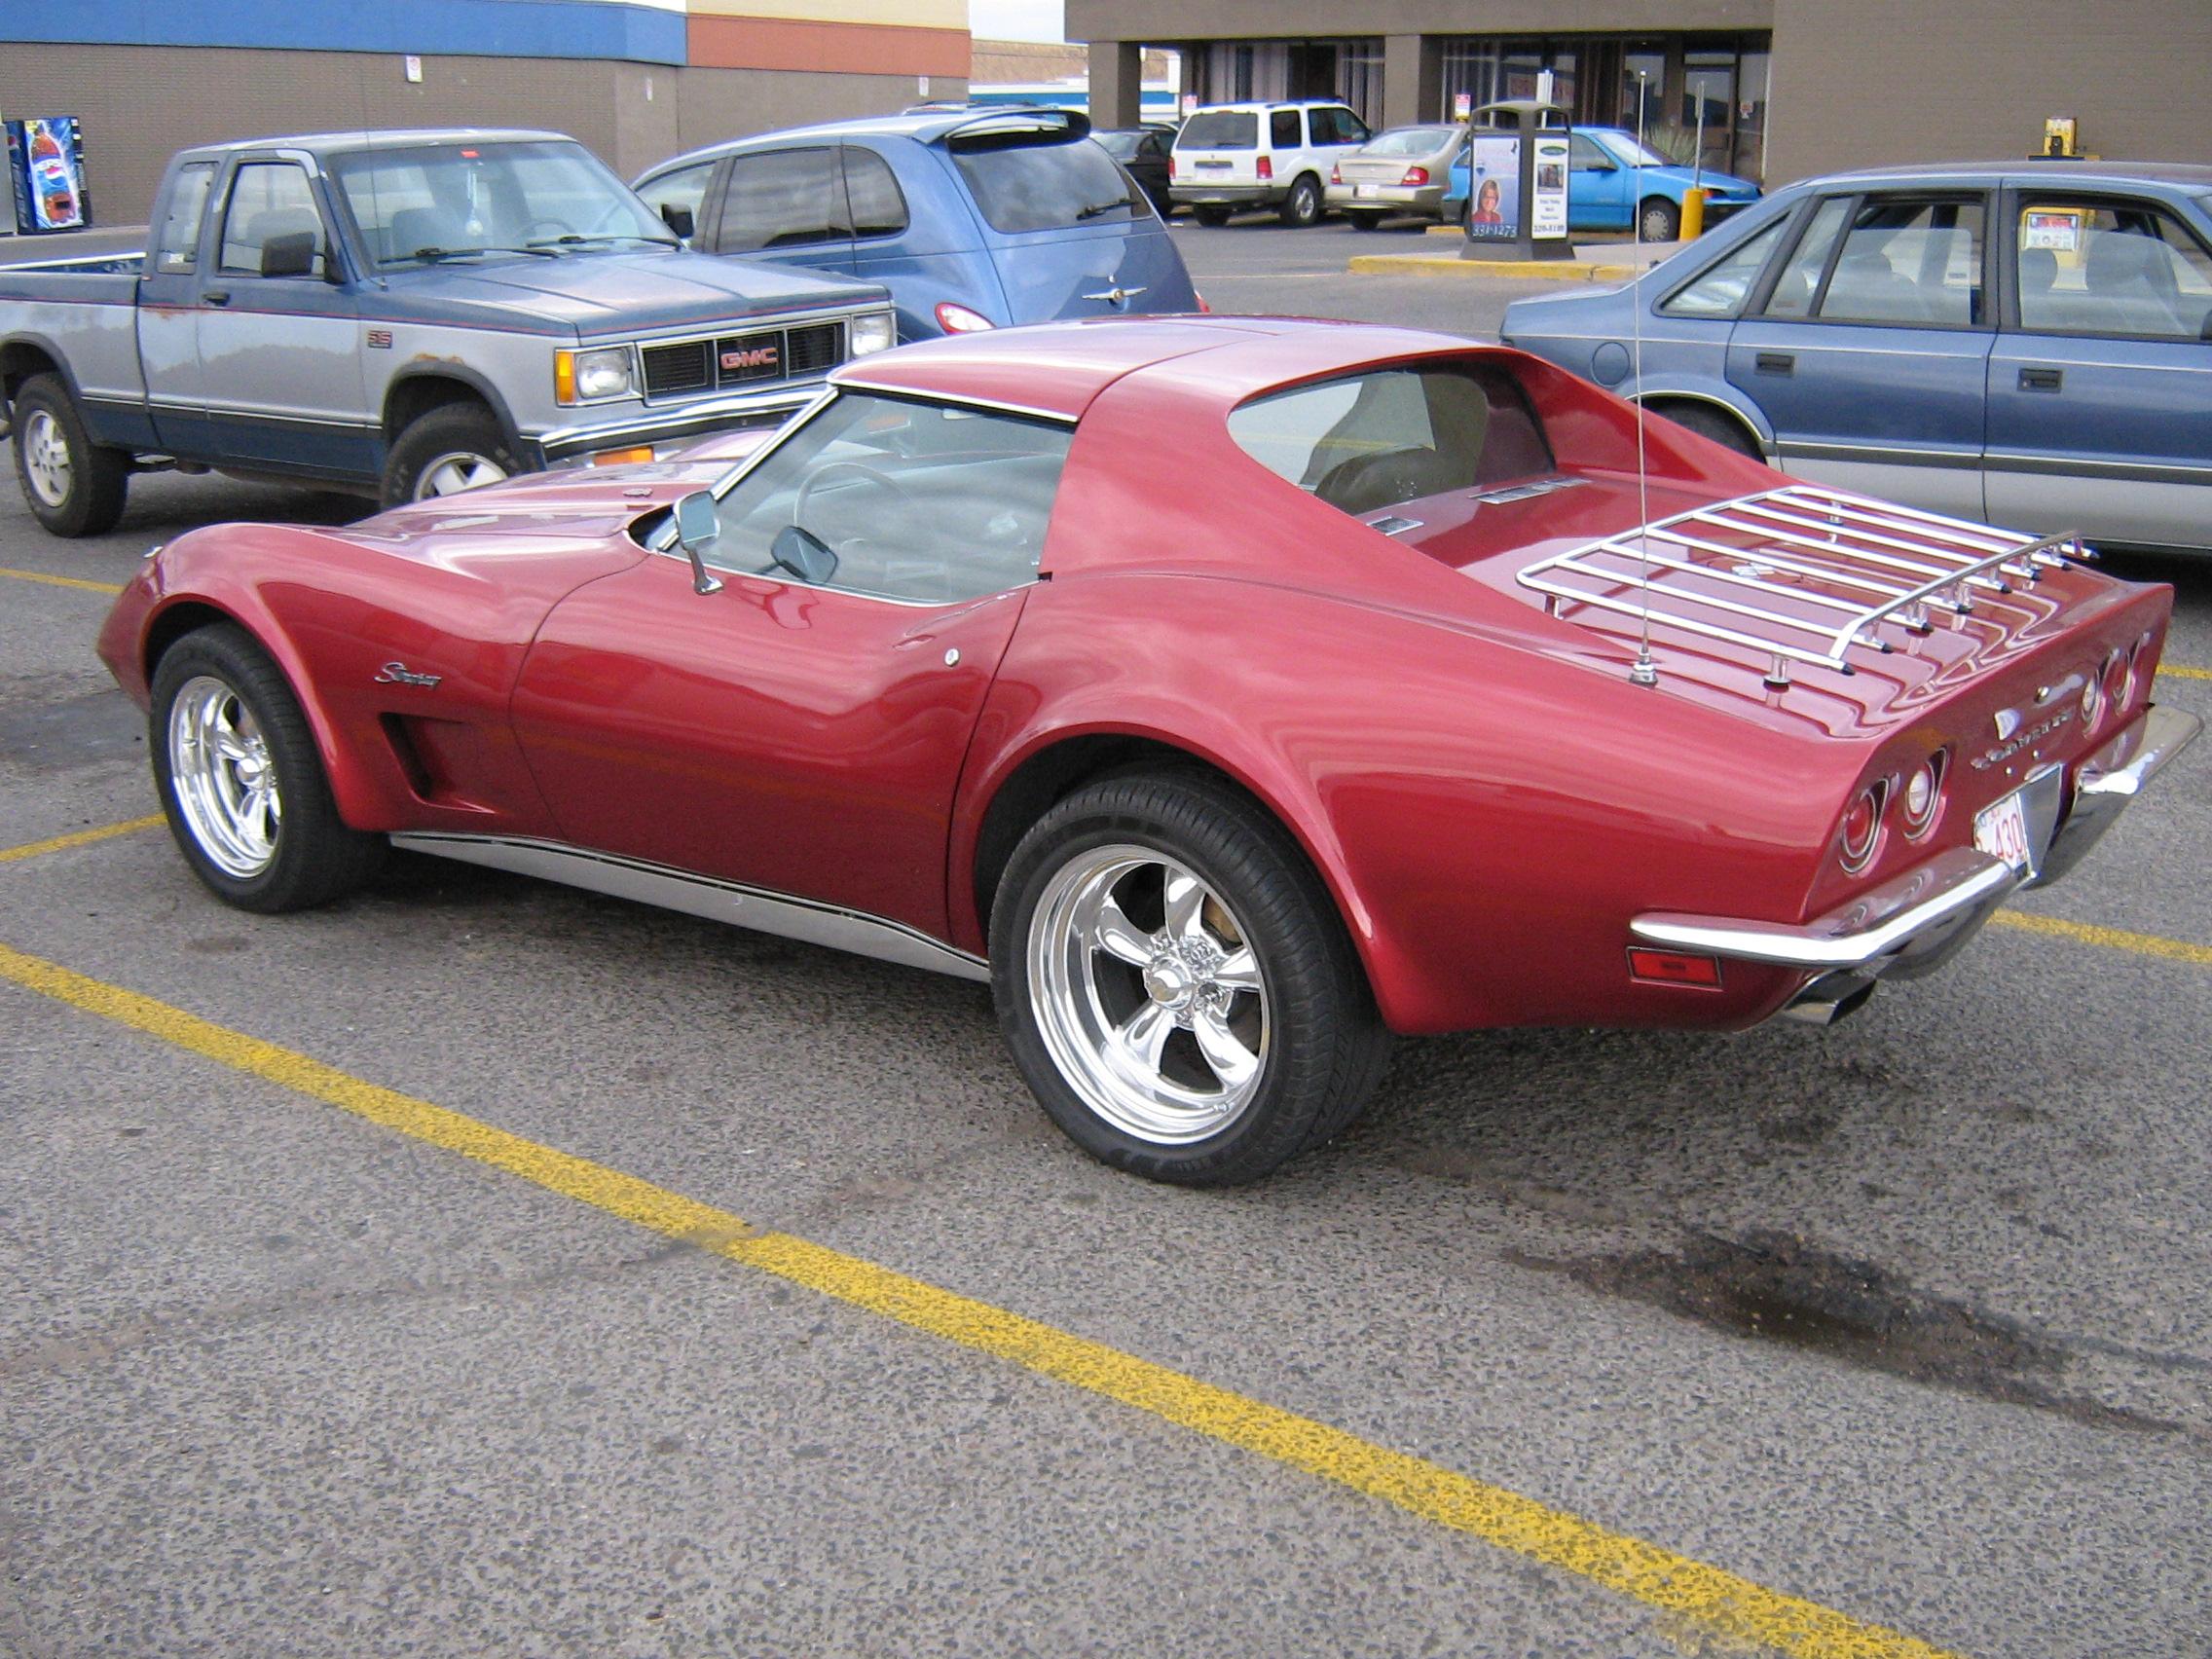 Kelebihan Kekurangan Corvette 1973 Top Model Tahun Ini